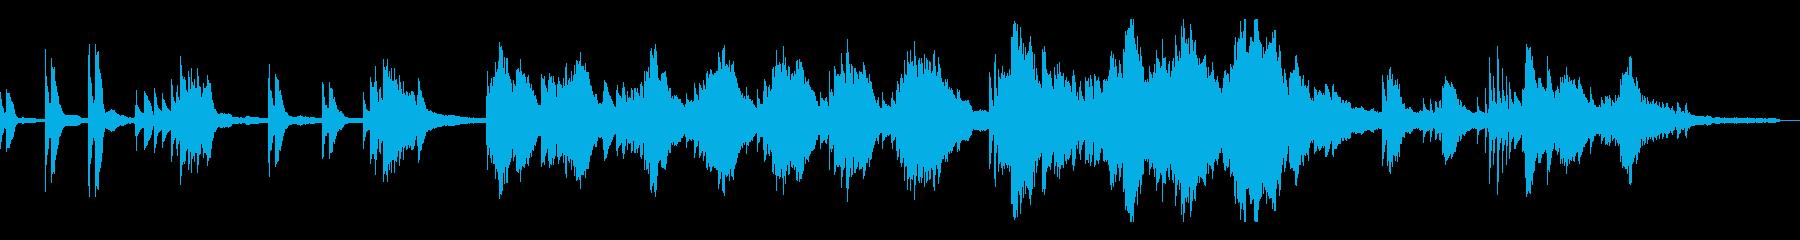 和風のミステリアスな雰囲気9-ピアノソロの再生済みの波形